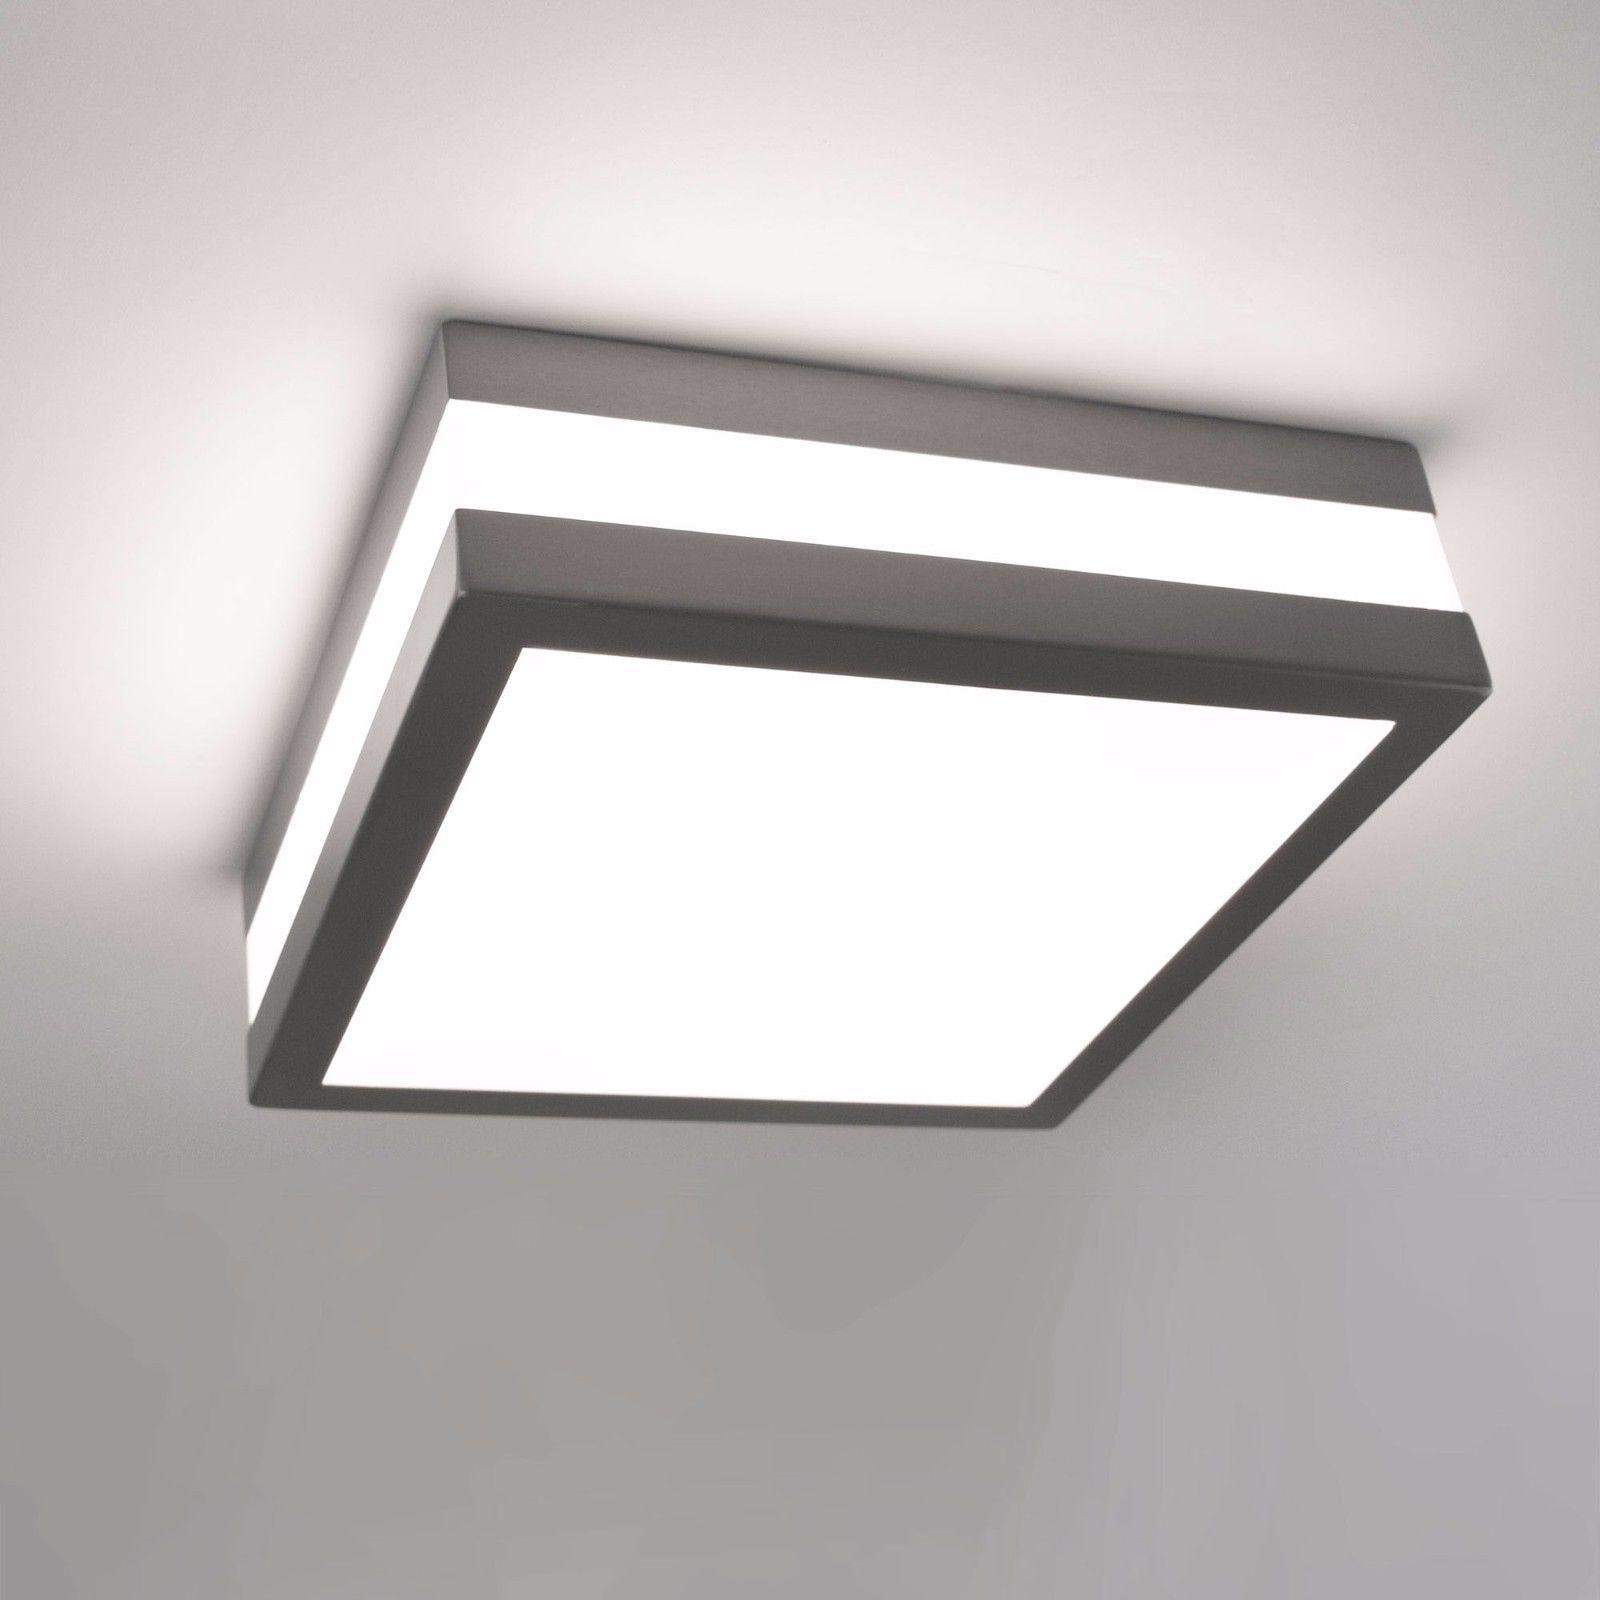 Wand deckenleuchte außenwandleuchte aussenleuchte lampe wandleuchte decke led in heimwerker lampen licht außenleuchten ebay lampdecke